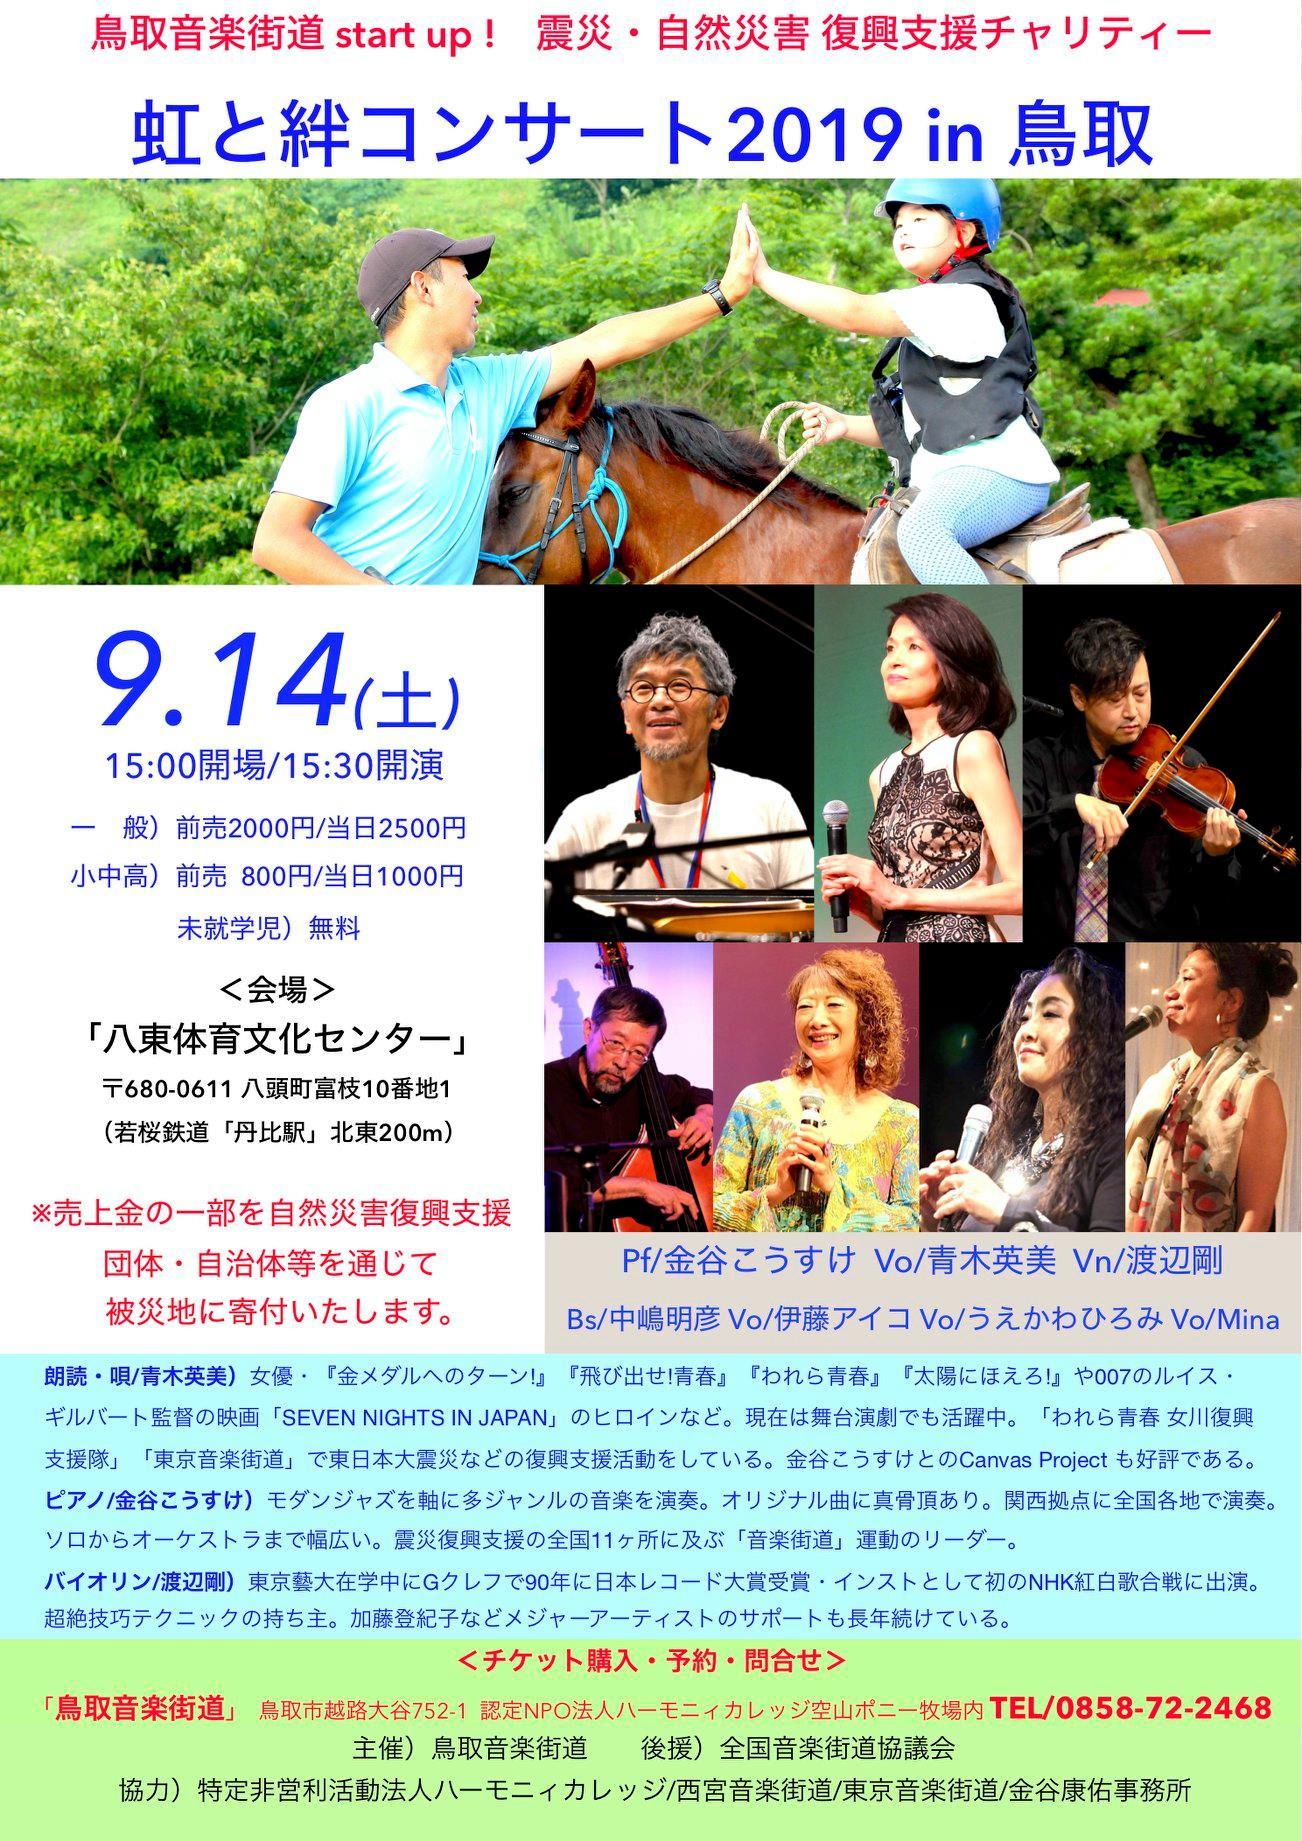 9月14日(土)虹と絆コンサート in 鳥取